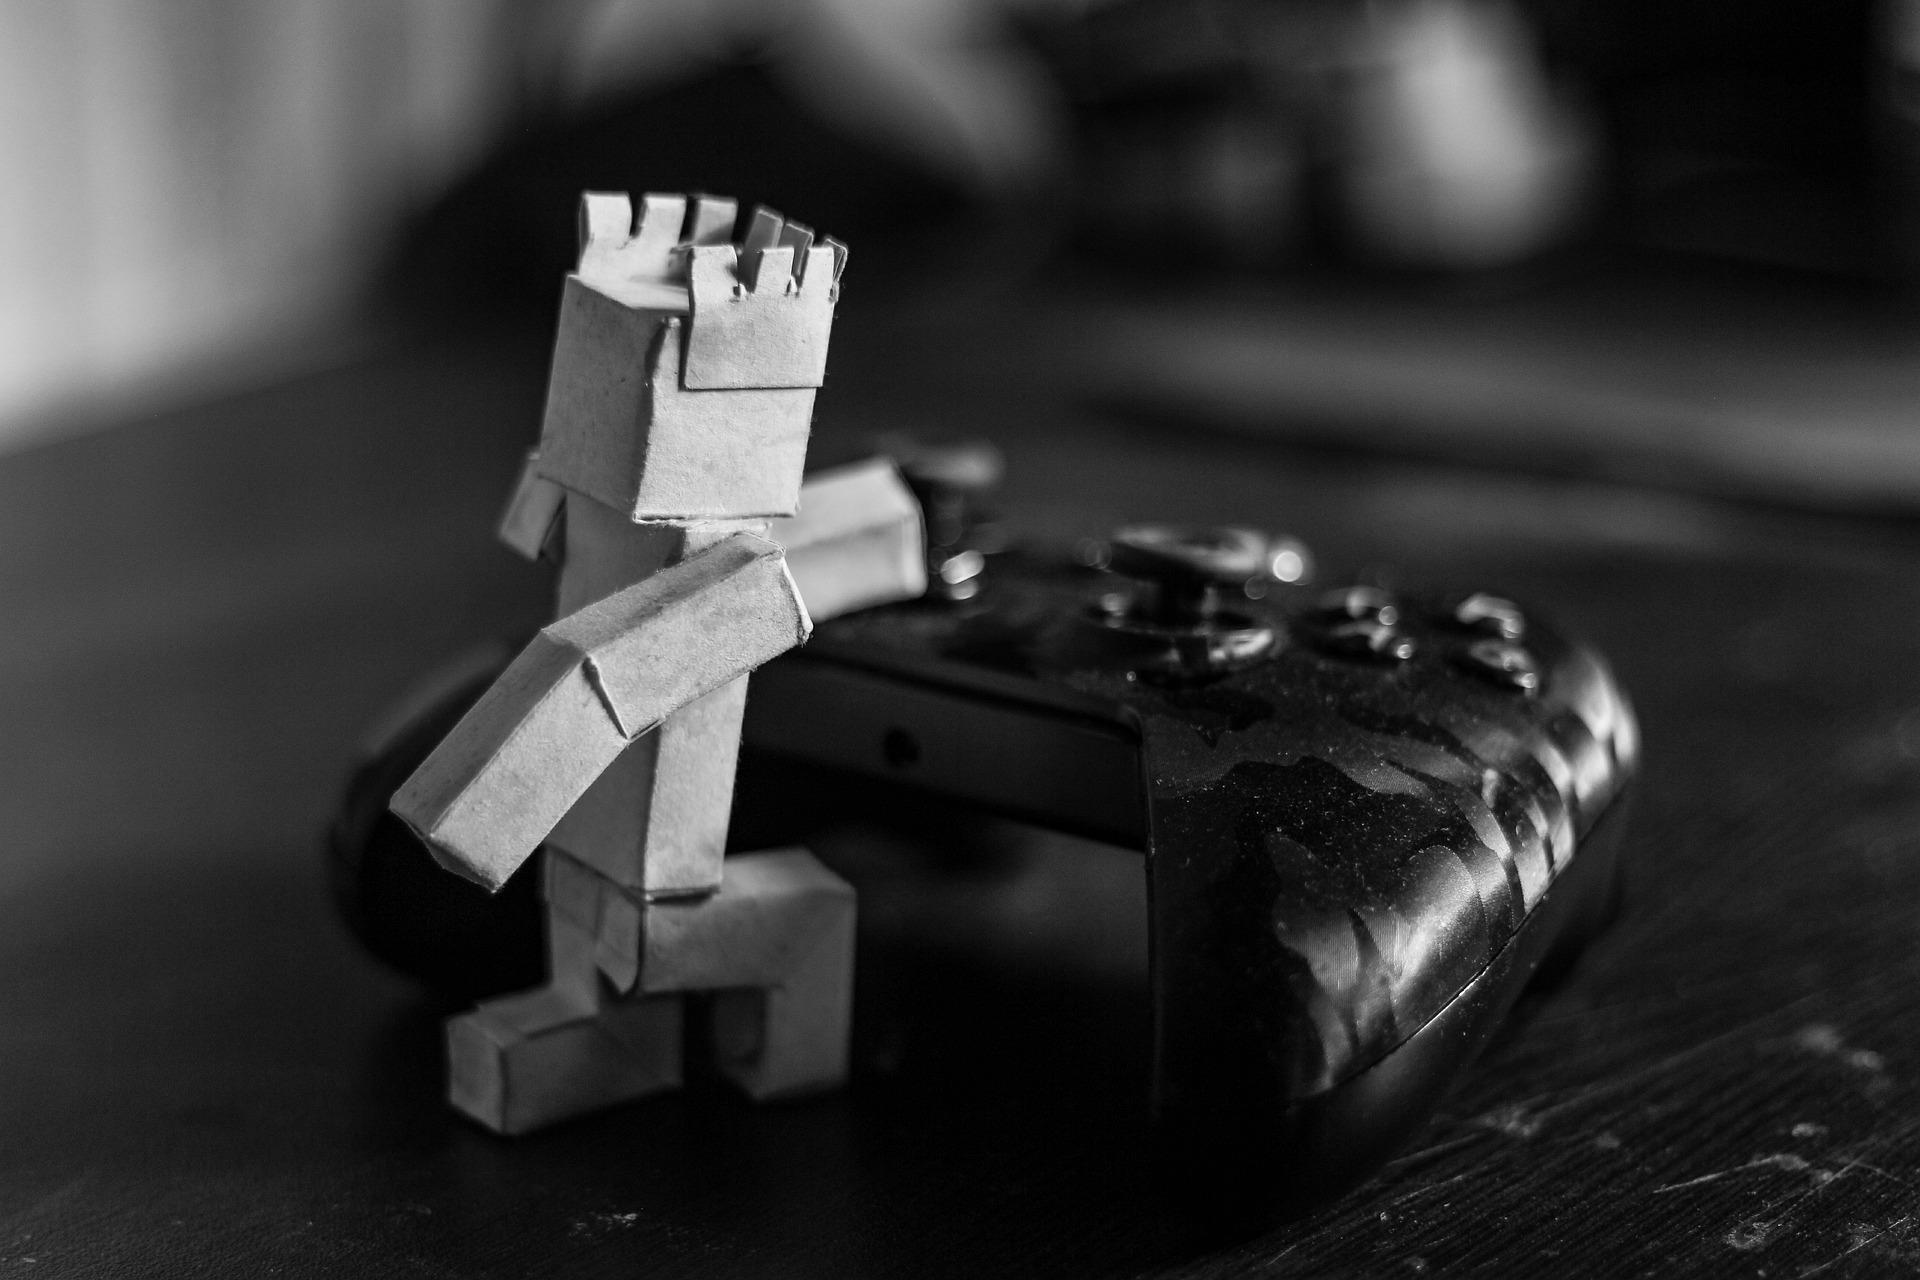 PS5 Game Controller - samblogger01